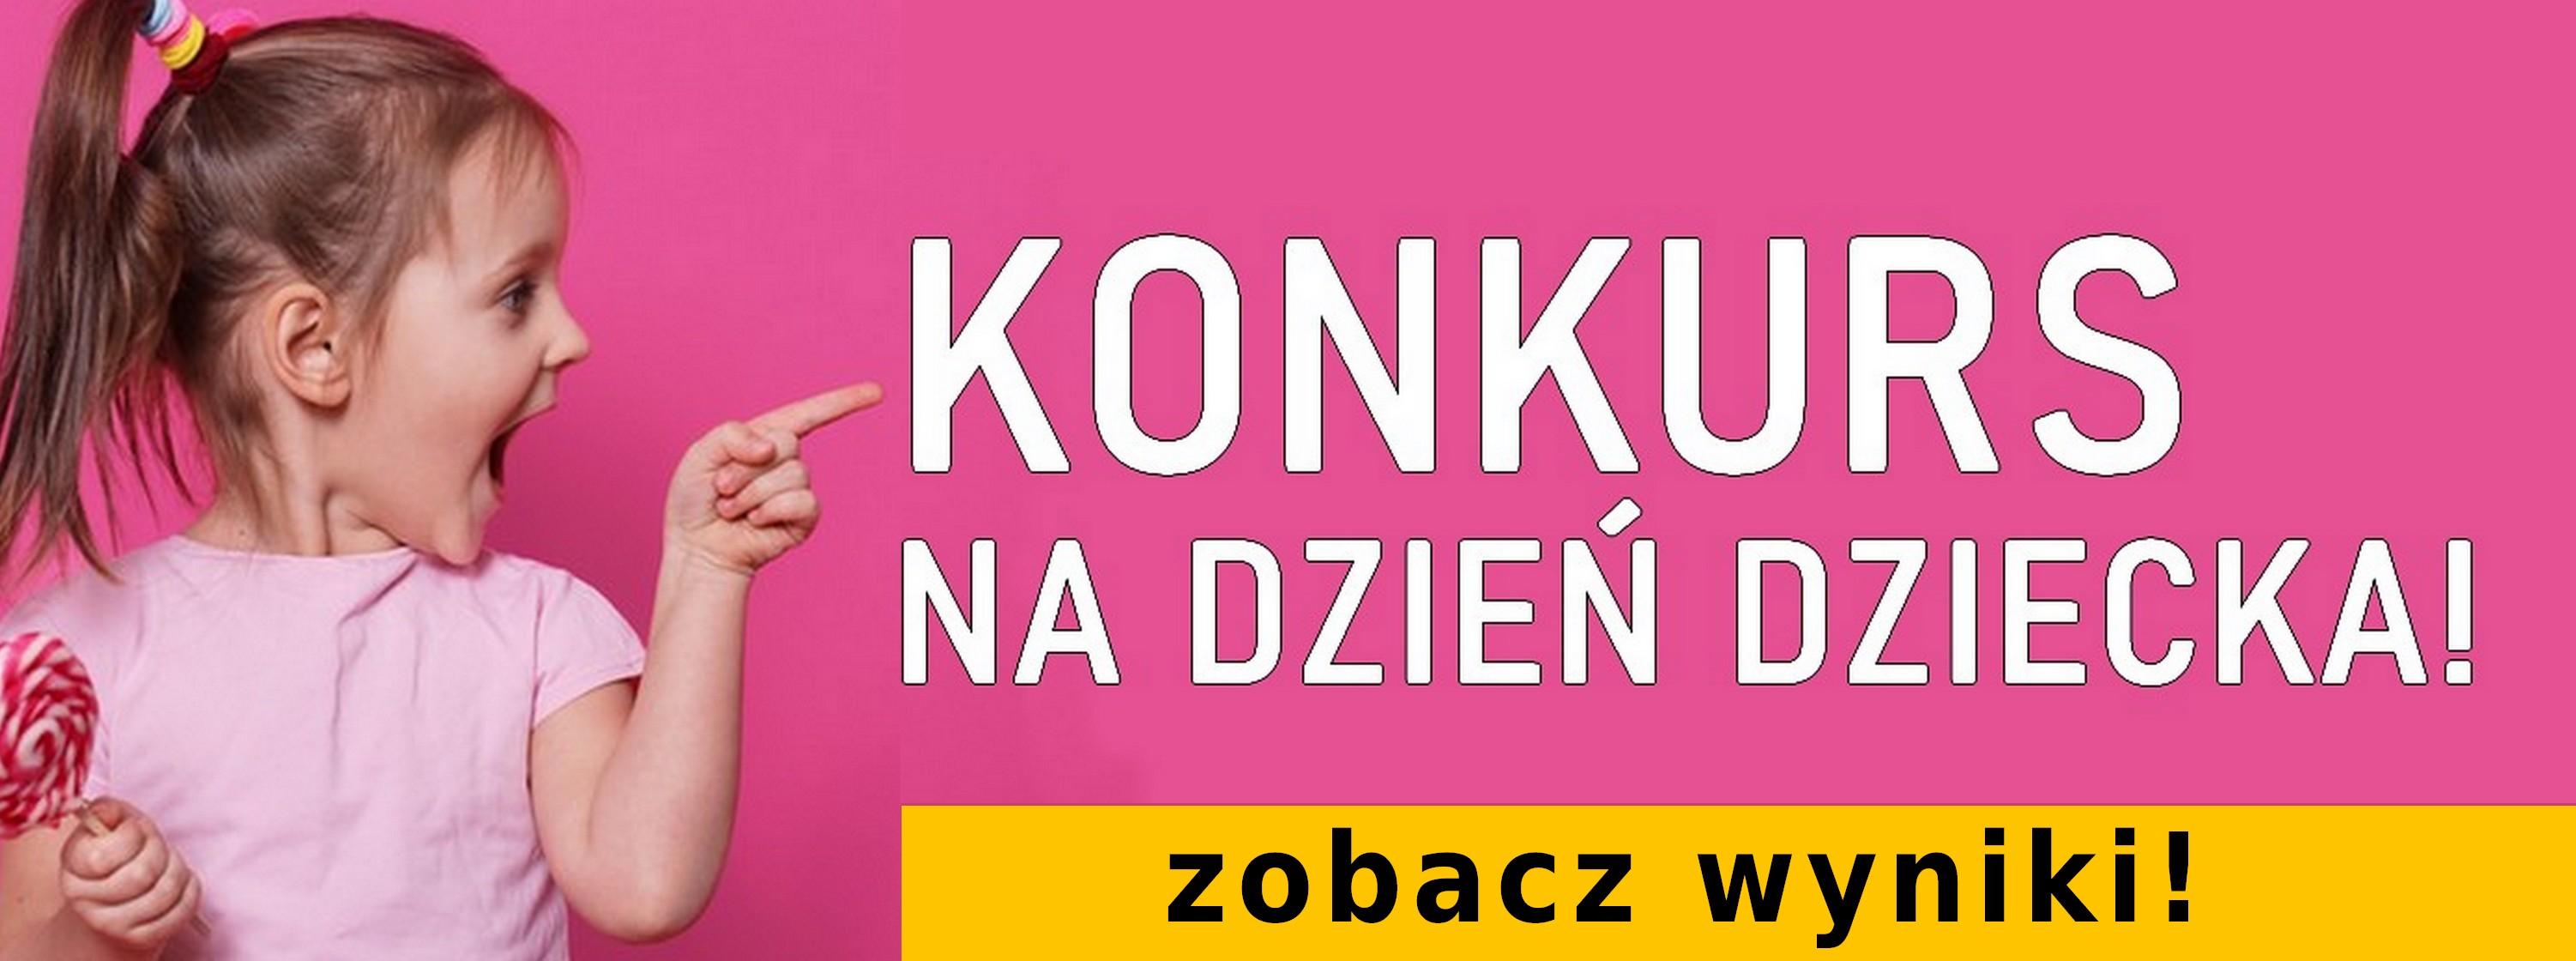 Konkurs dzień dziecka Głubczyce